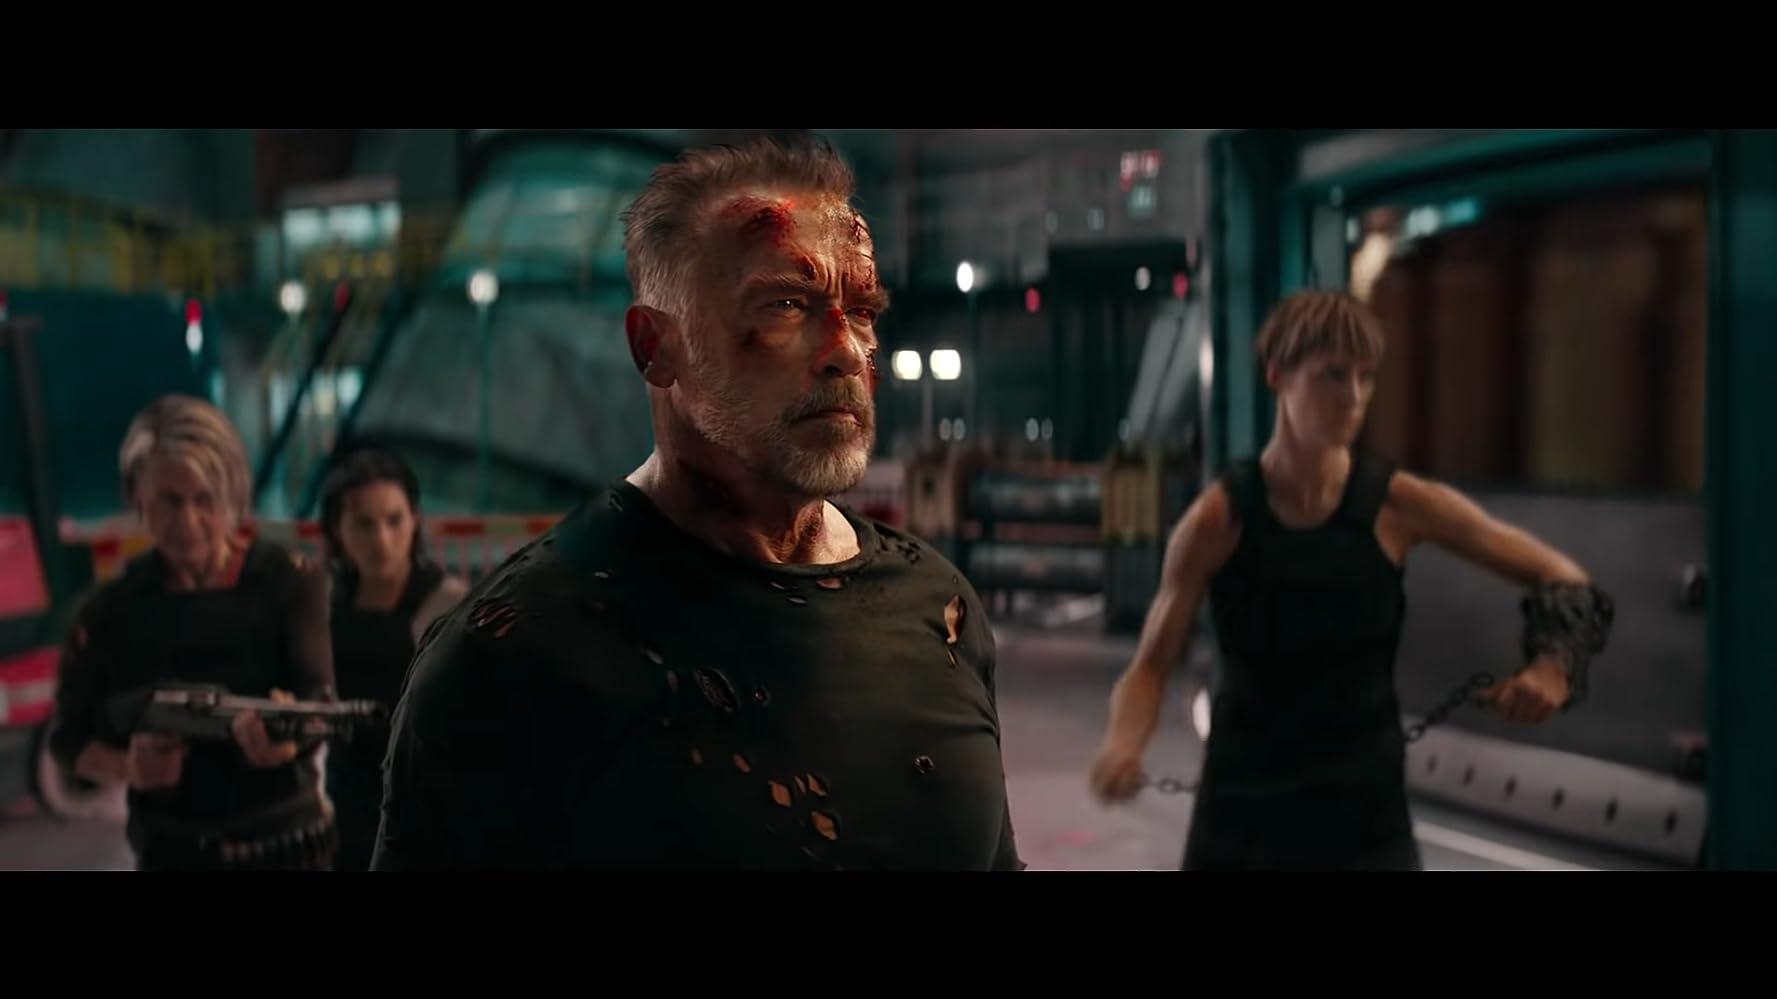 /></figure>  <p>En conclusión, tenemos una película palomera, con escenas de acción disfrutables y buenas actuaciones, pero con un guión repetitivo y soso, que no deja mucho a la imaginación y que por momentos se burla del espectador.</p>  <p>¿Recomendable? Si y no. «Terminator: Dark Fate» representa una mejora significativa sobre sus predecesores inmediatos, incluso si carece del poderío emocionante que identificaba a las mejores entregas de la franquicia.</p>  <figure class=